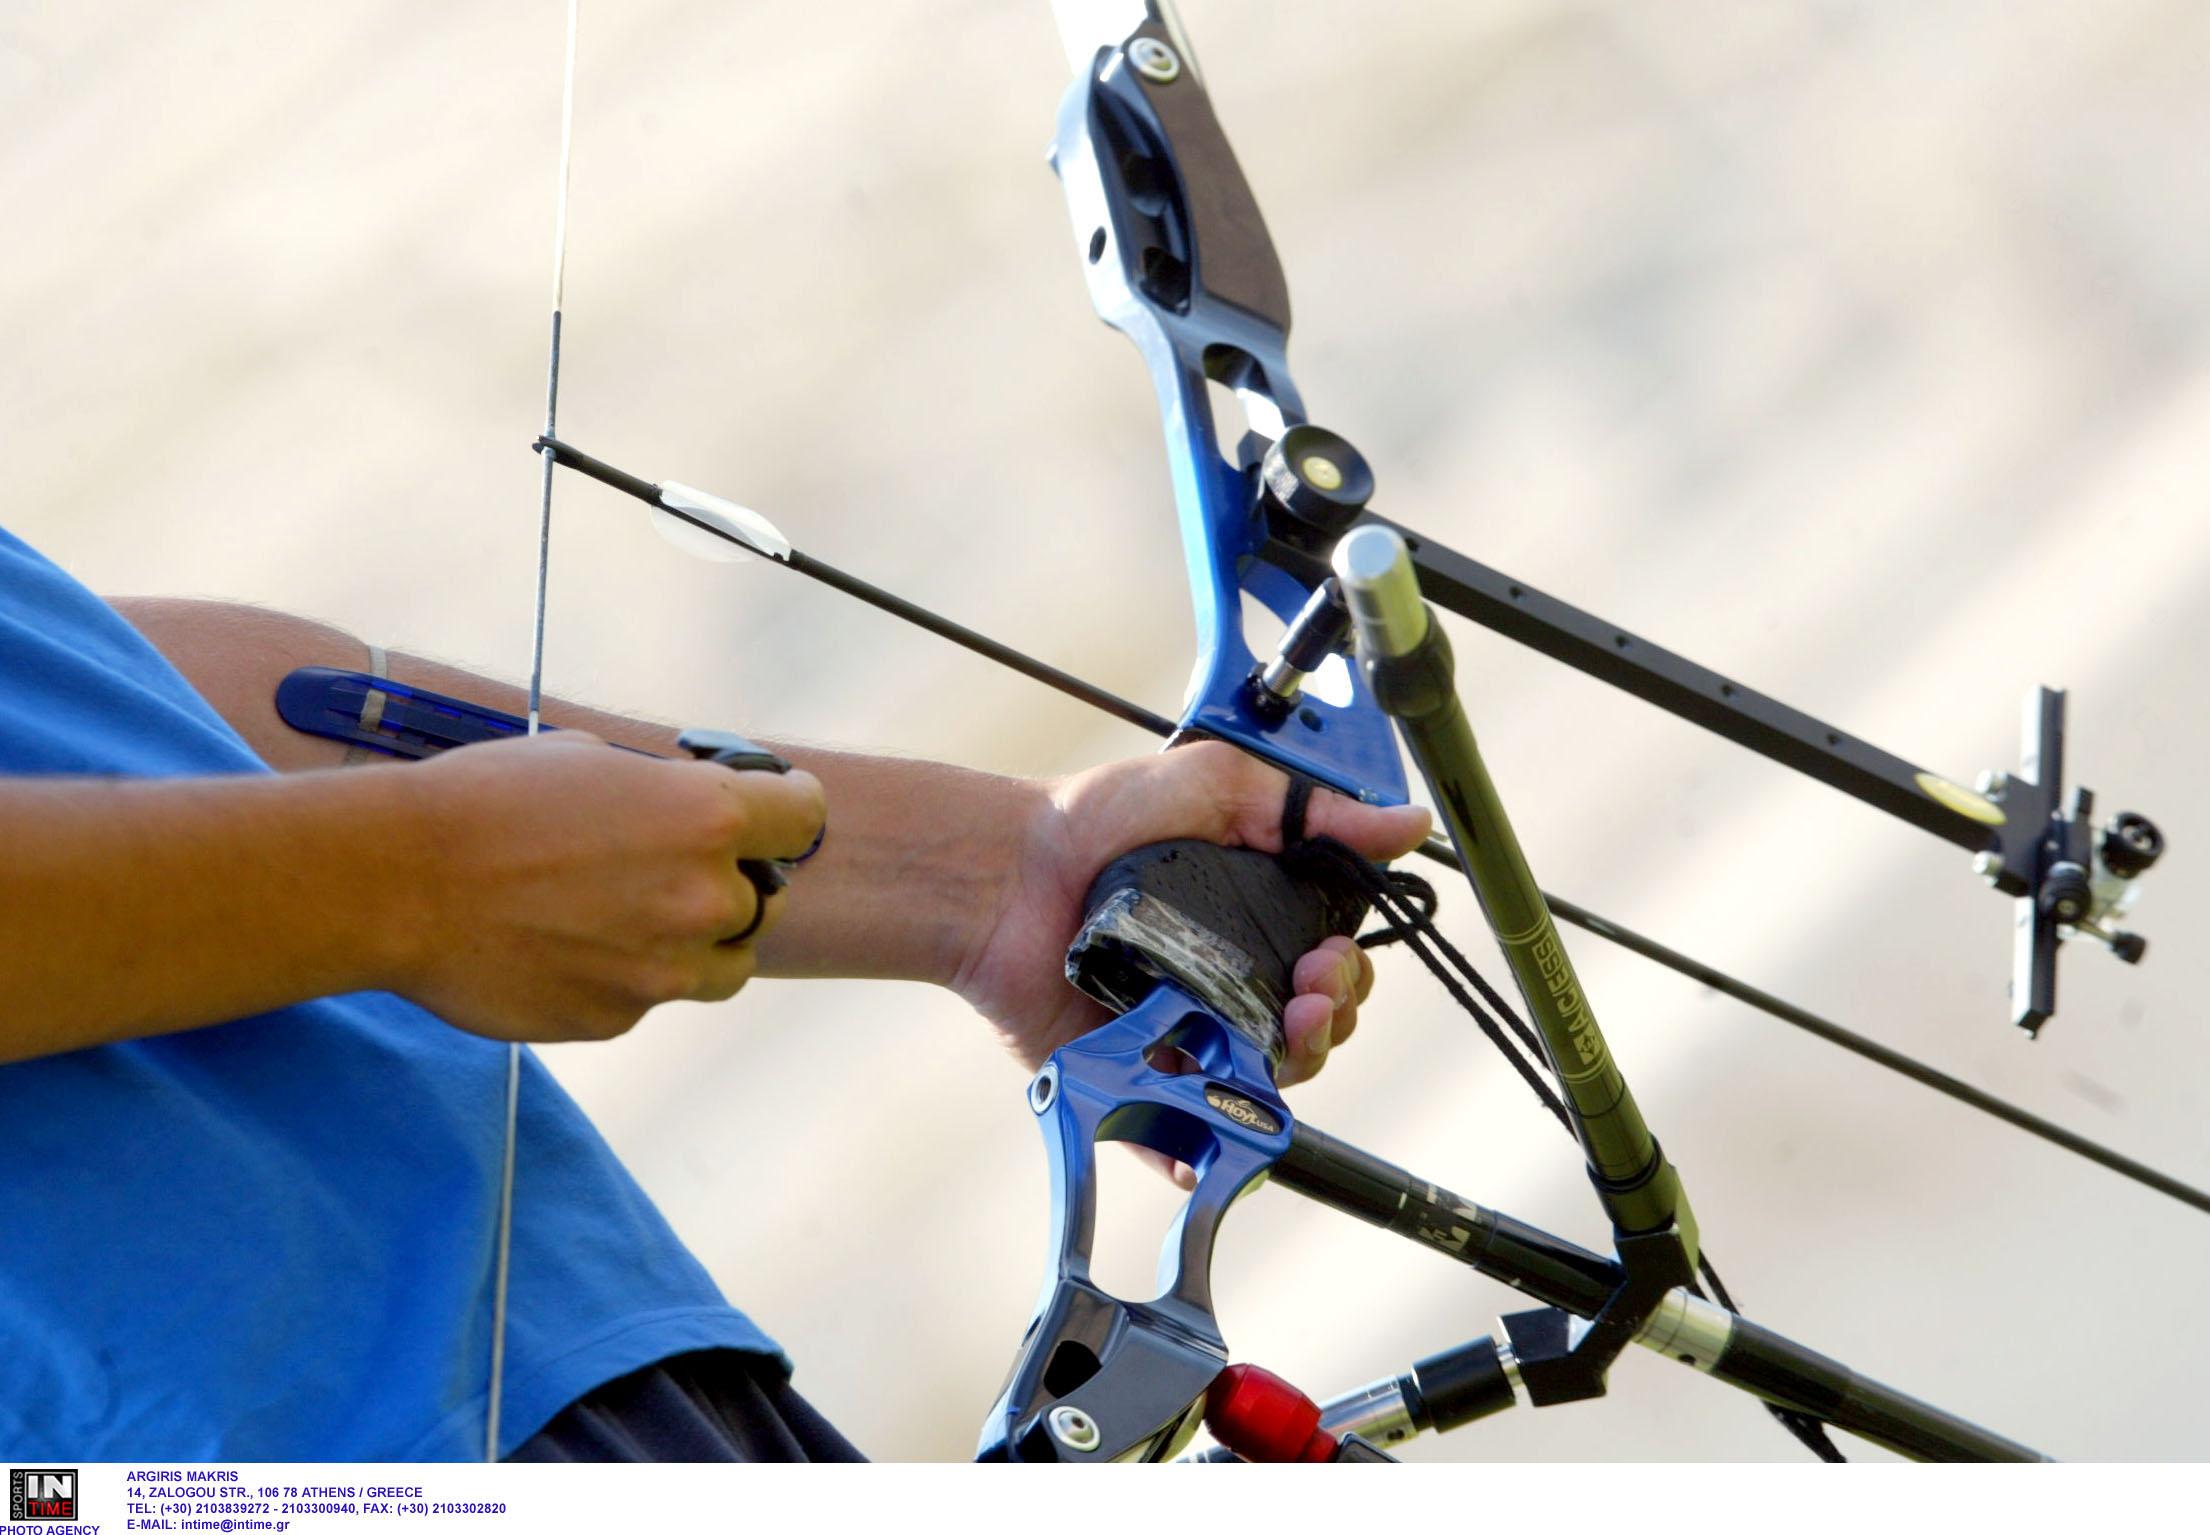 Ολυμπιακοί Αγώνες: Ιστορική πρόκριση για την Ψάρρα στην 6η Ολυμπιάδα της καριέρας της